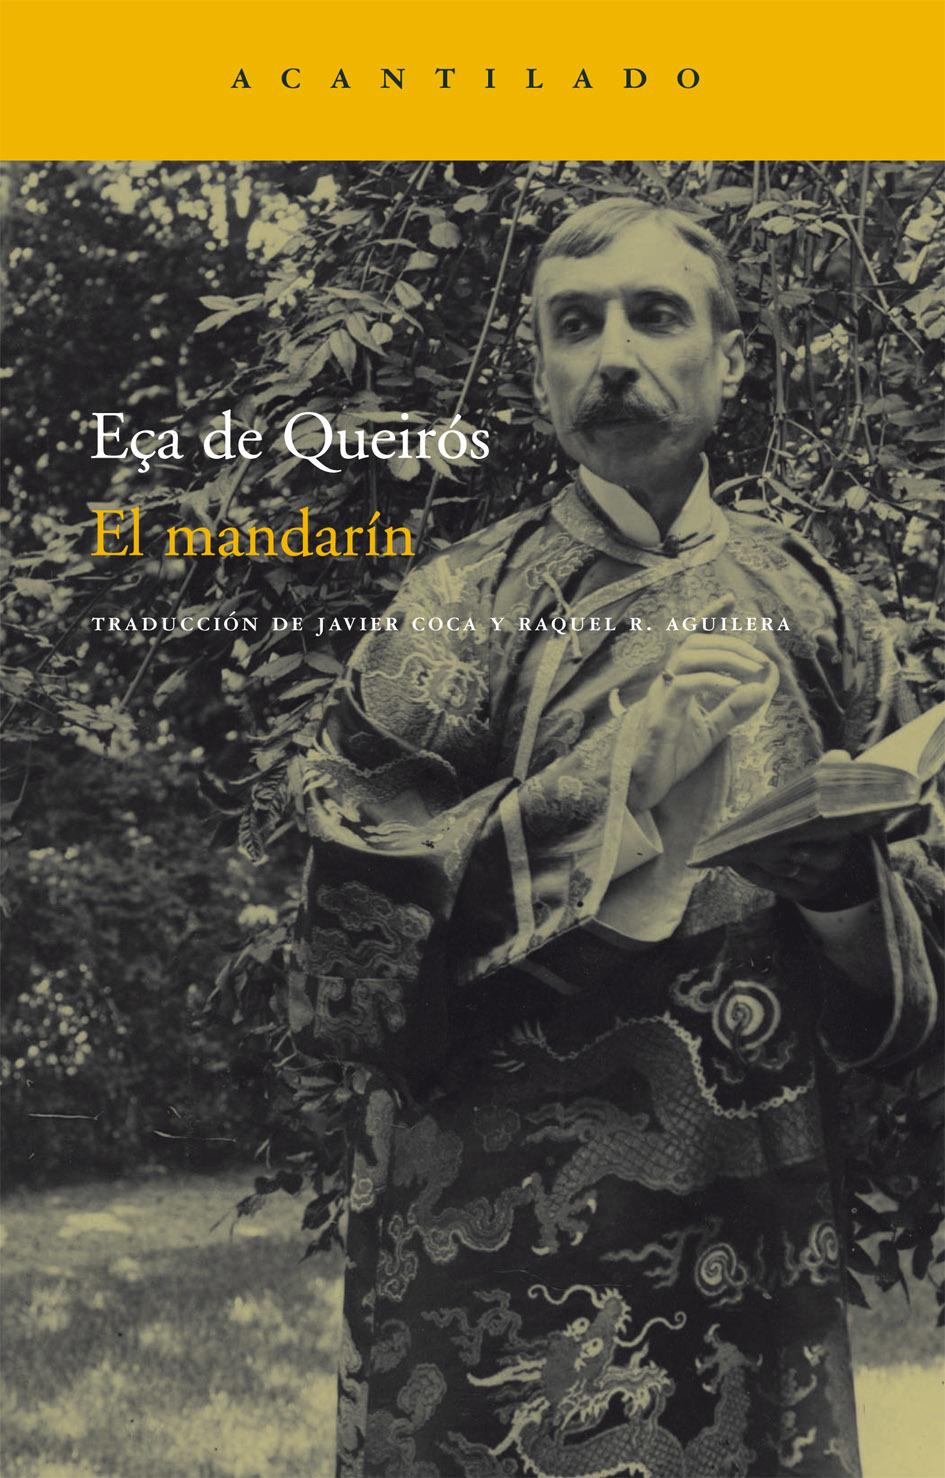 El Mandarín, por Jose María Eça de Querirós